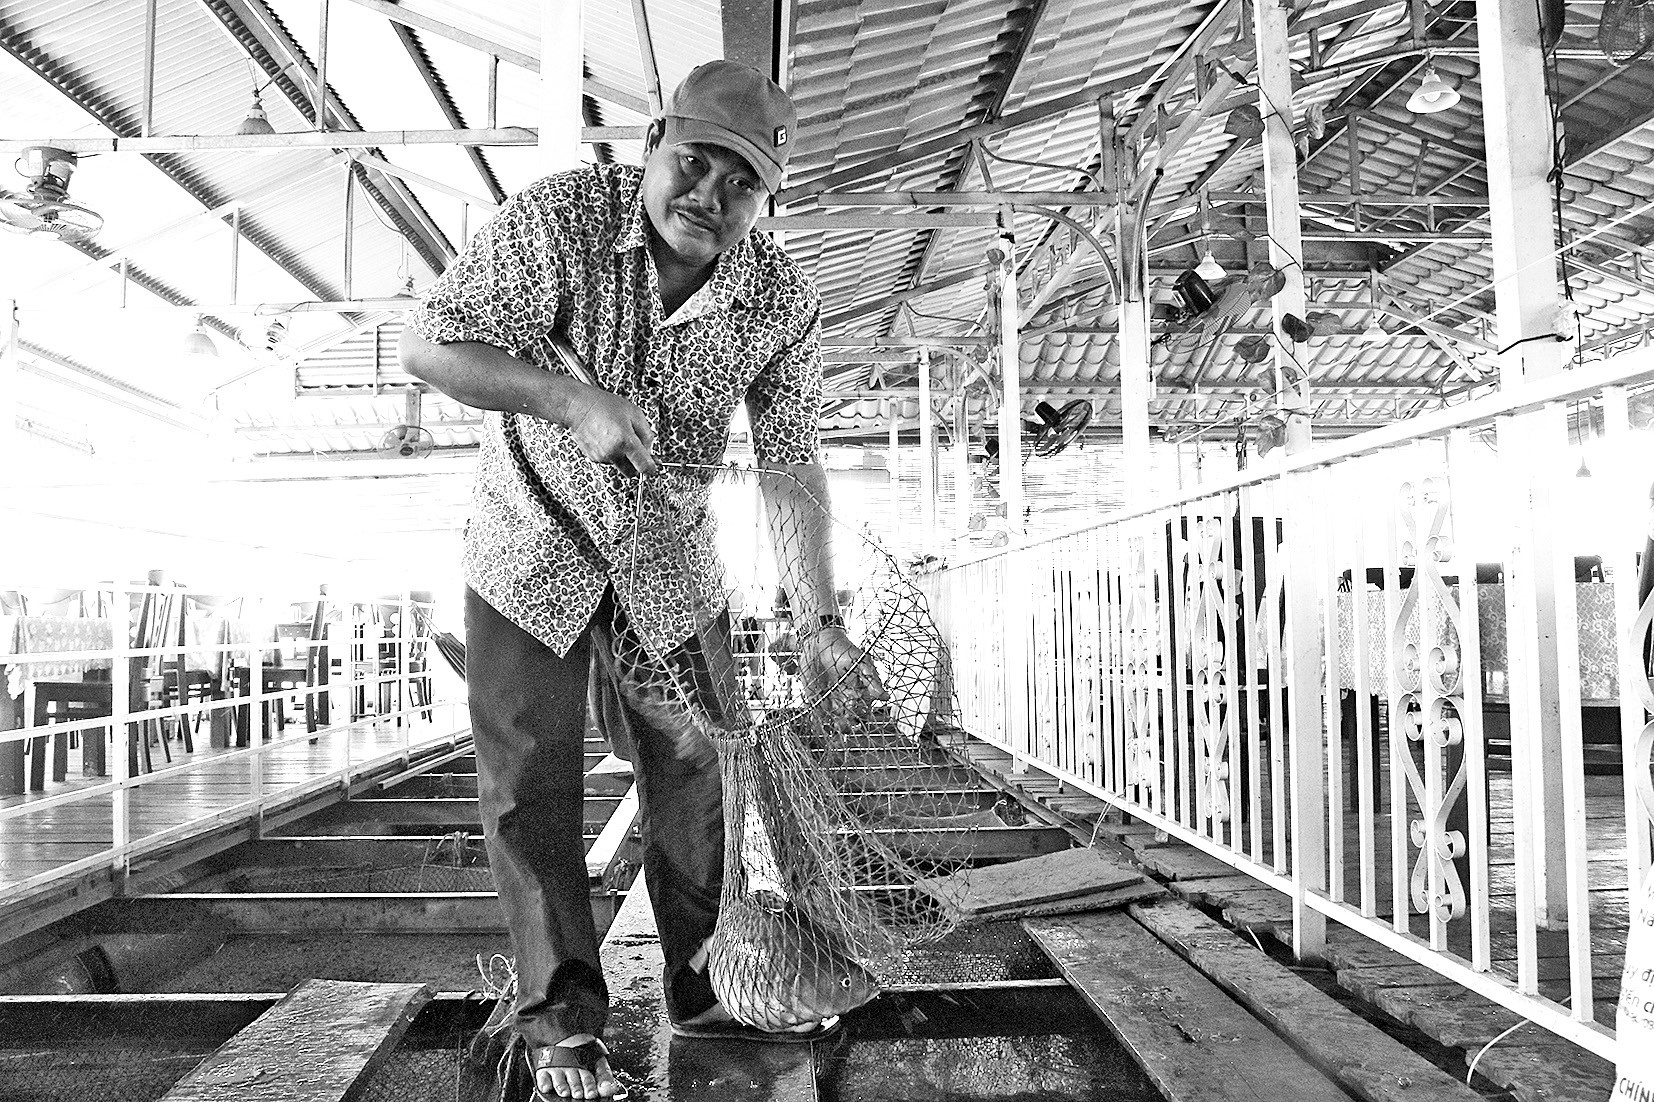 nuôi cá, nuôi cá chép, nuôi cá chép giòn, nuôi cá Đồng Nai, nông dân làm giàu